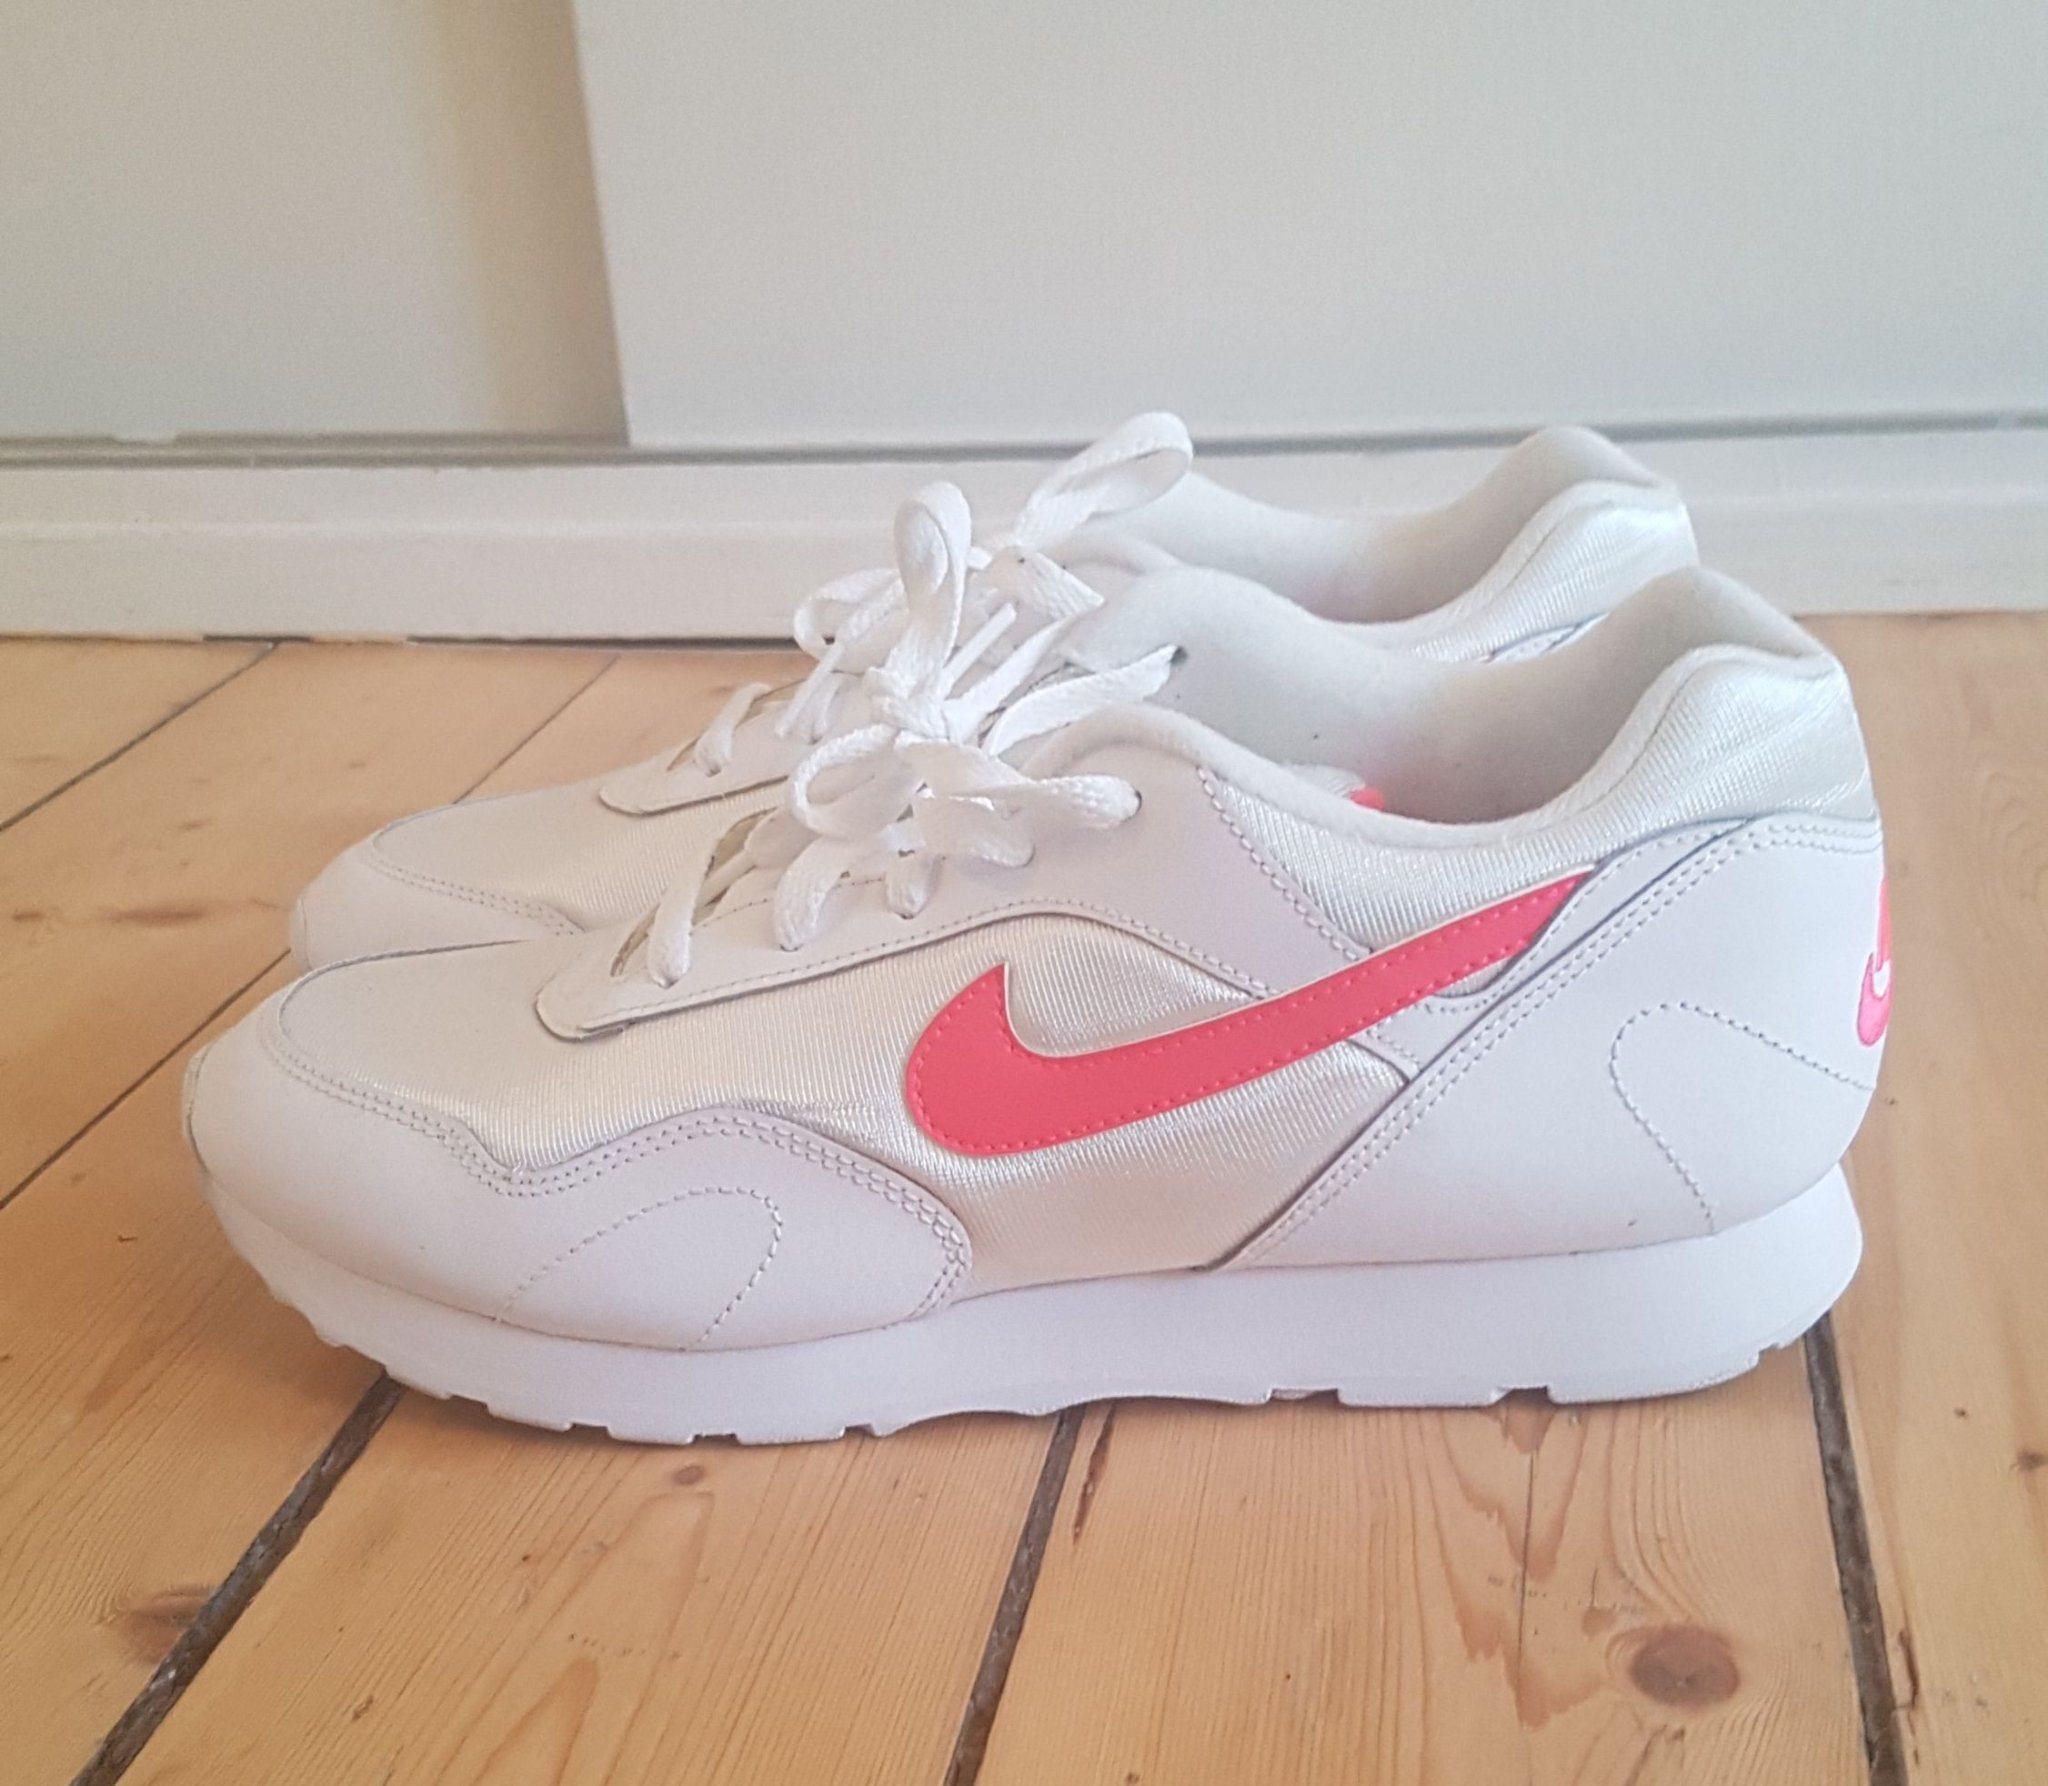 super popular 95c65 f331f Nike skor i superskick storlek 40.5